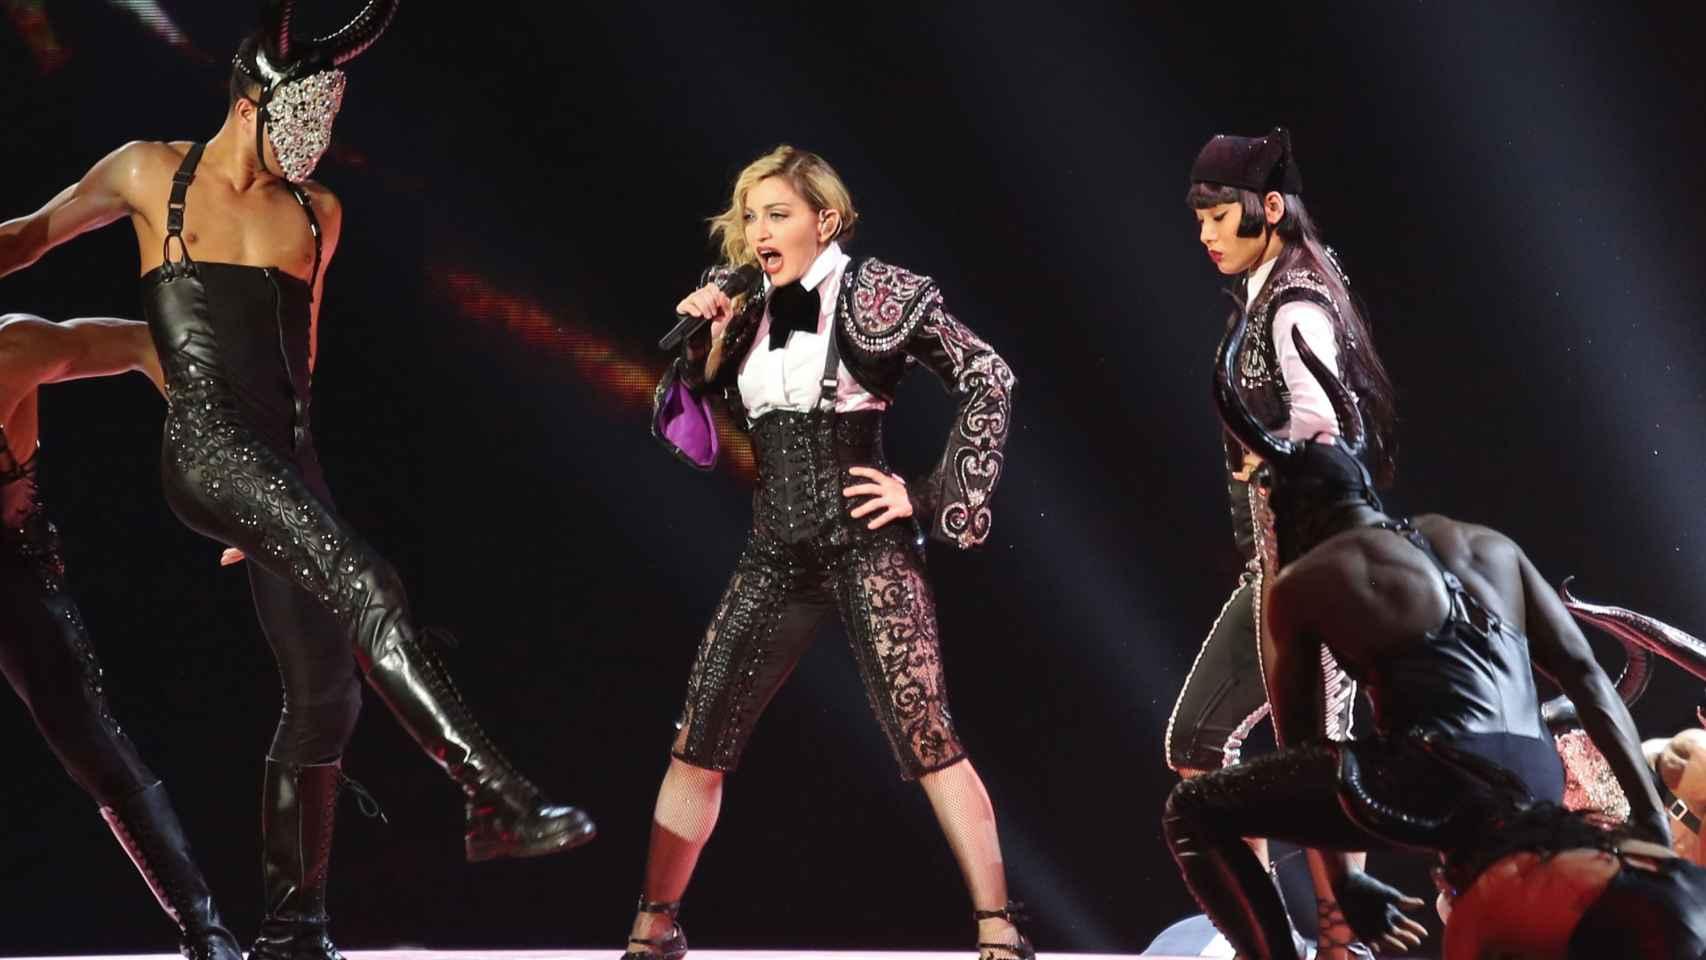 Madonna en Vancouver (Canada) el 14 de octubre en su última gira